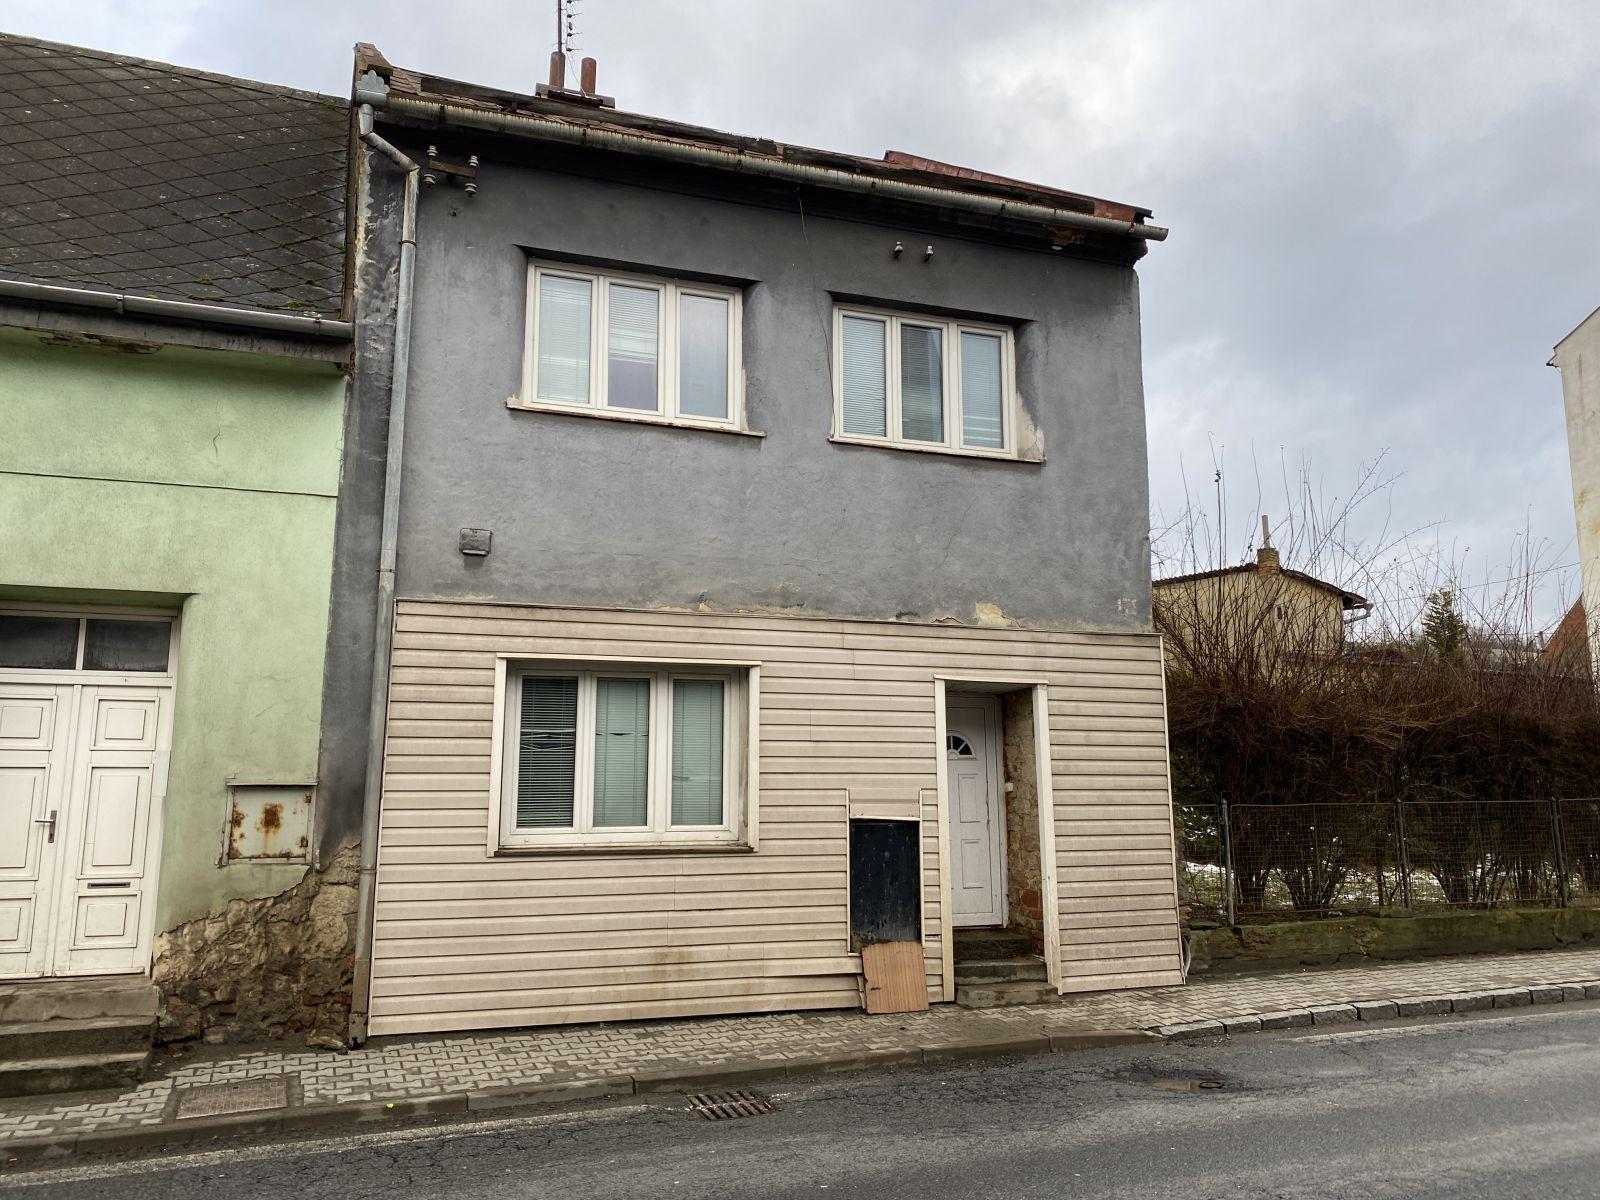 Prodej rodinného domu ve městě Březová nad Svitavou na ulici Pražská, okres  Svitavy, Pardubický kra